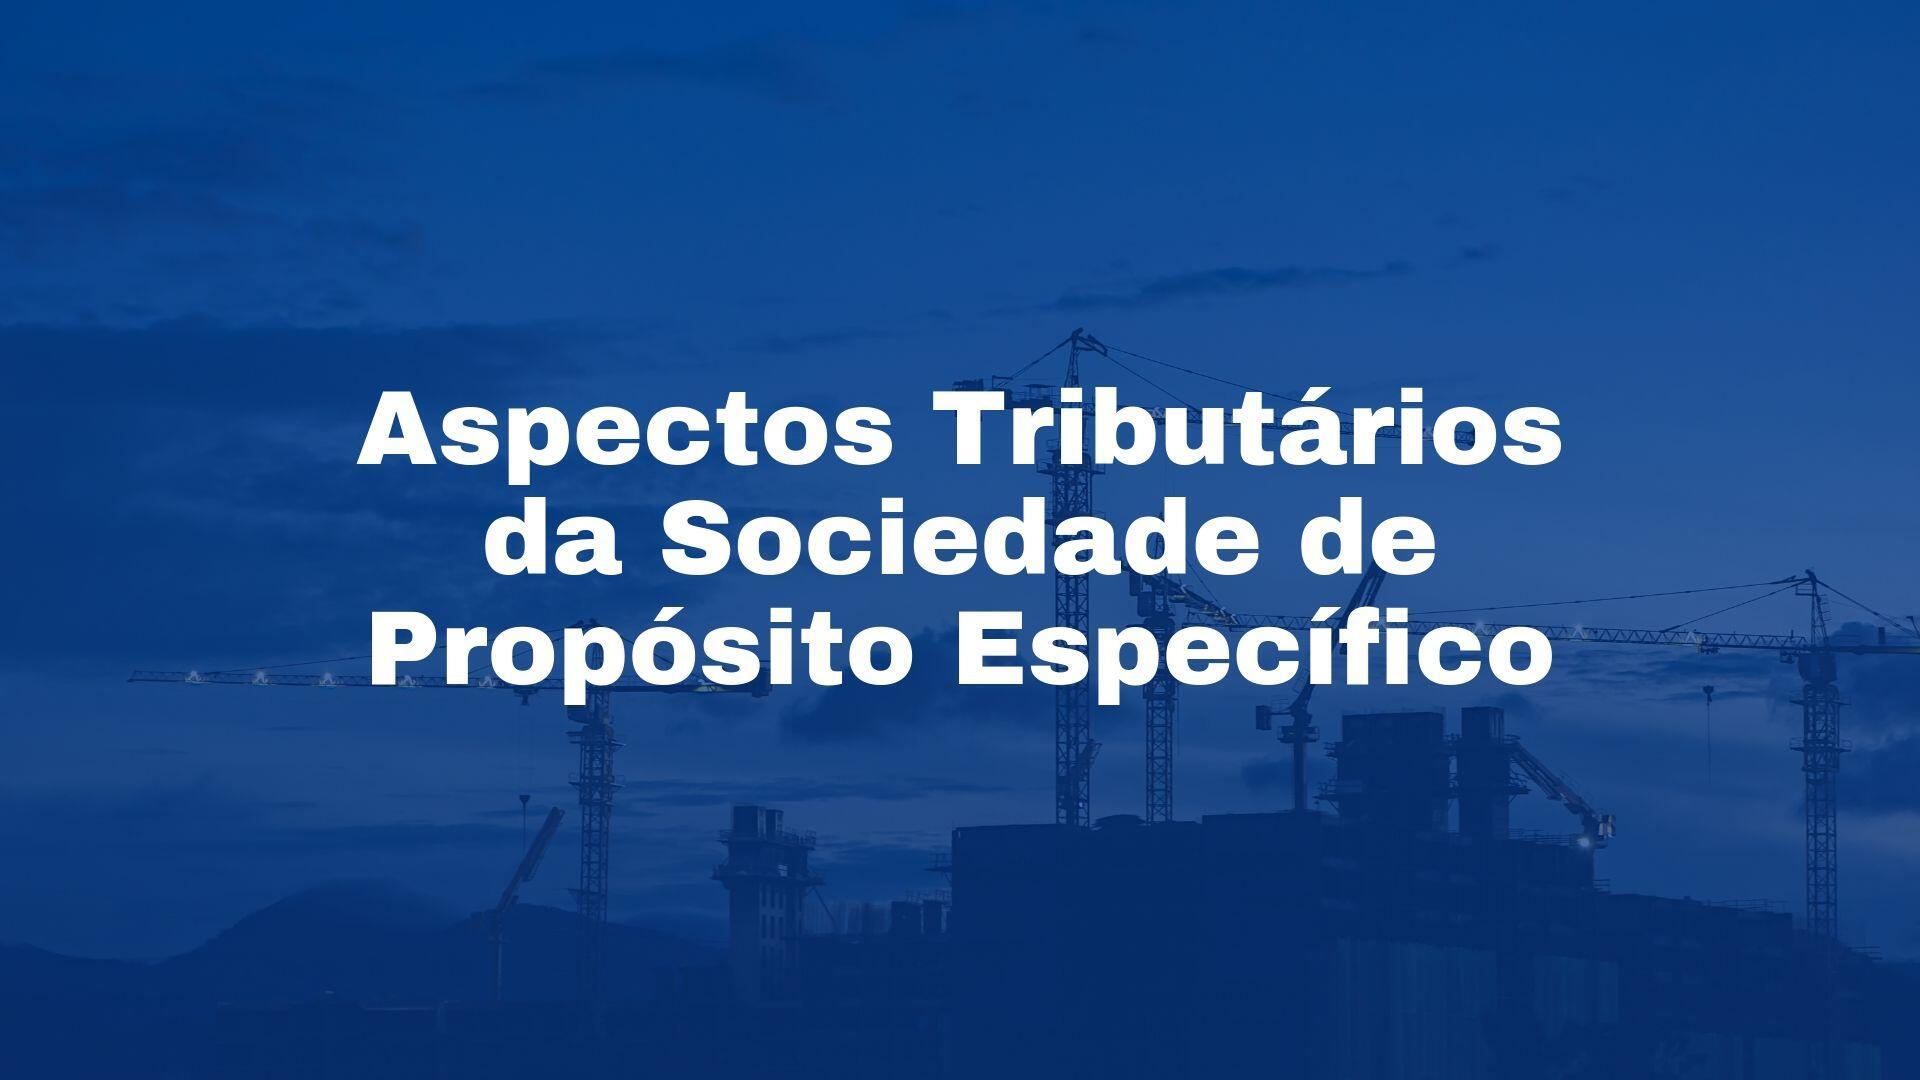 Contabilidade para construção civil - sociedade proposito especifico - spe - tributação